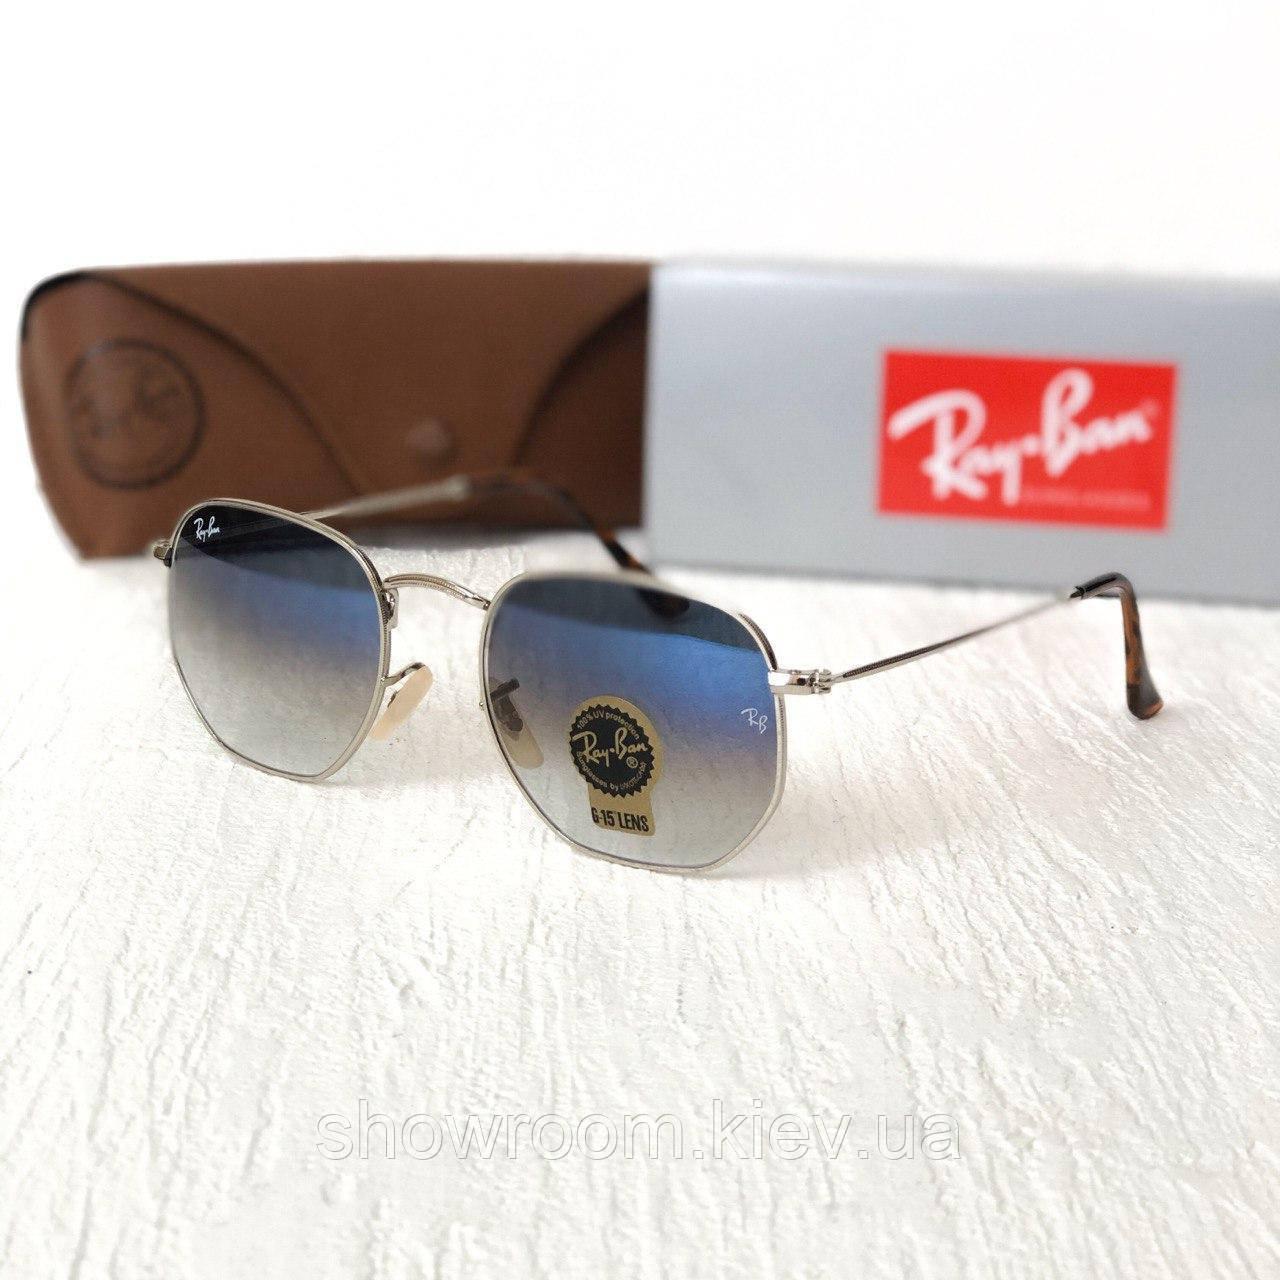 Мужские солнцезащитные очки Rb (3548) 002